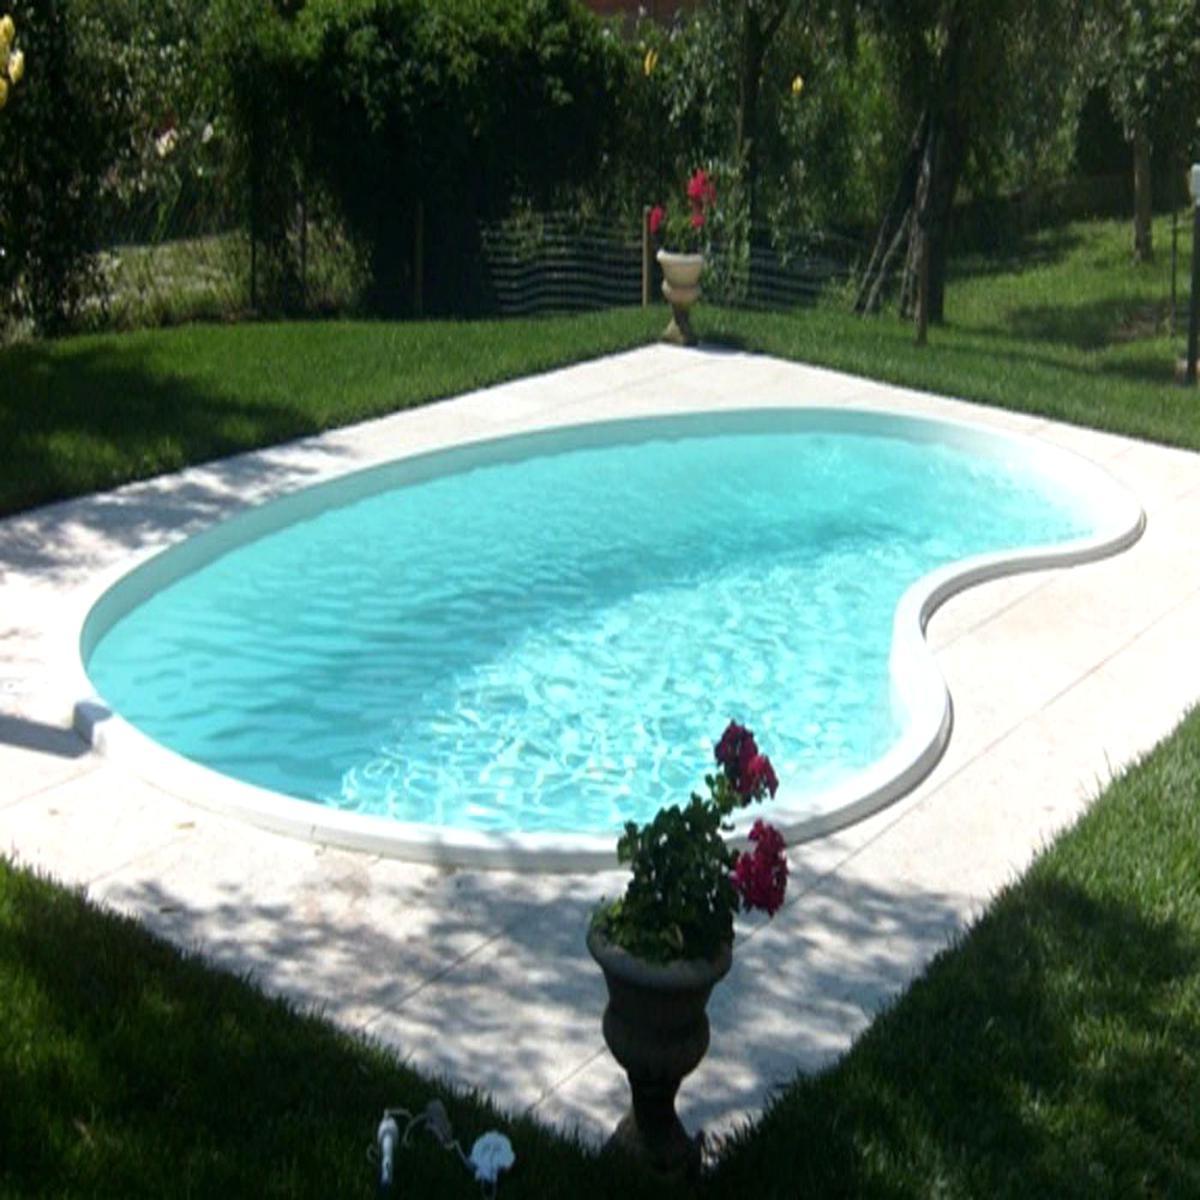 Piscine Interrate Prezzi Tutto Compreso piscine vetroresina